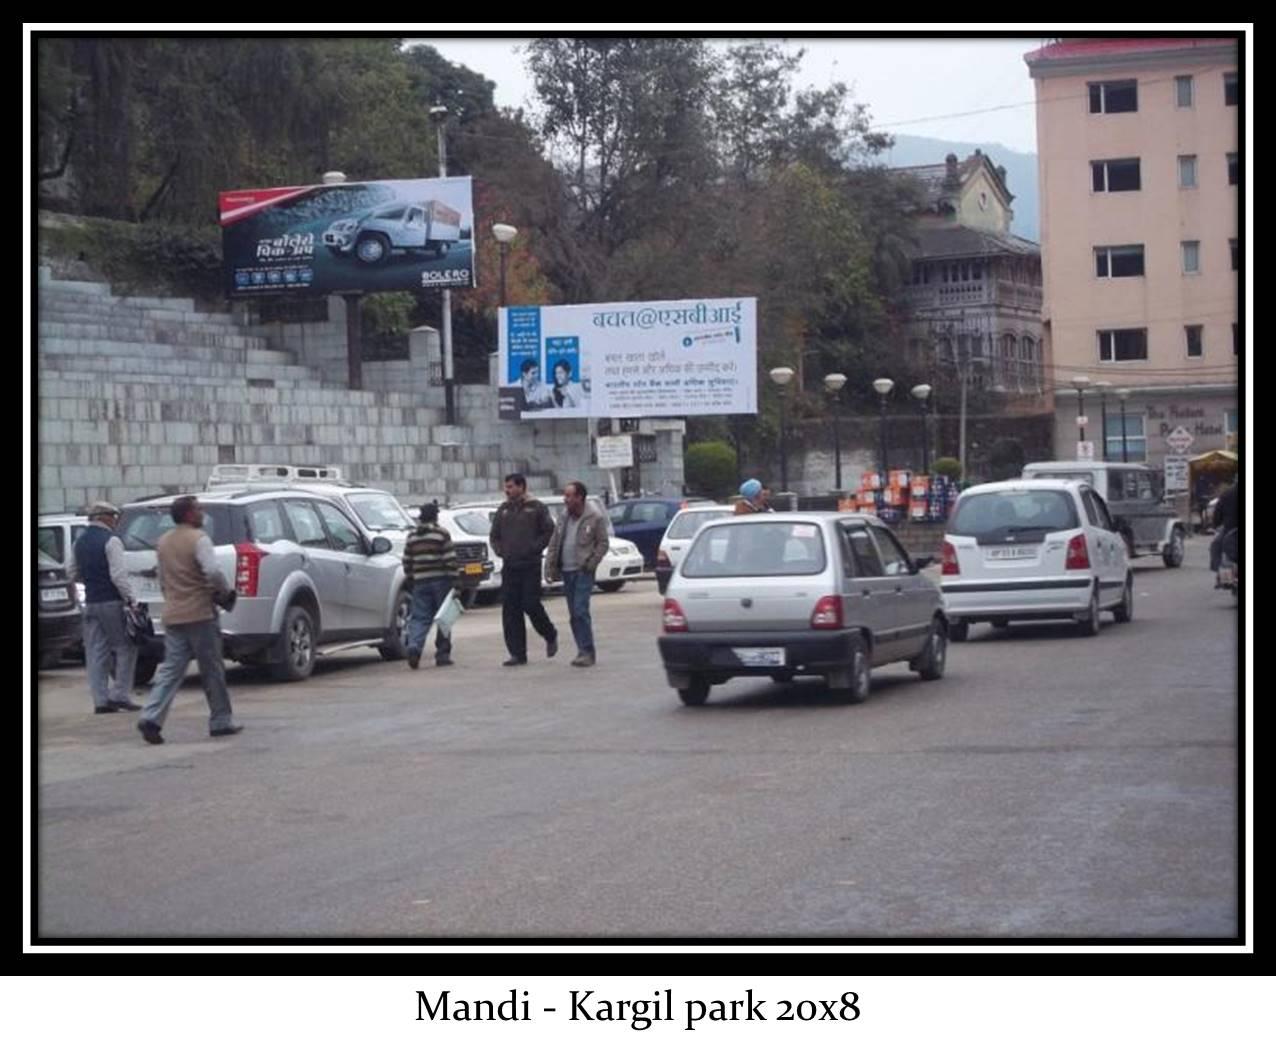 Kargil park, Mandi